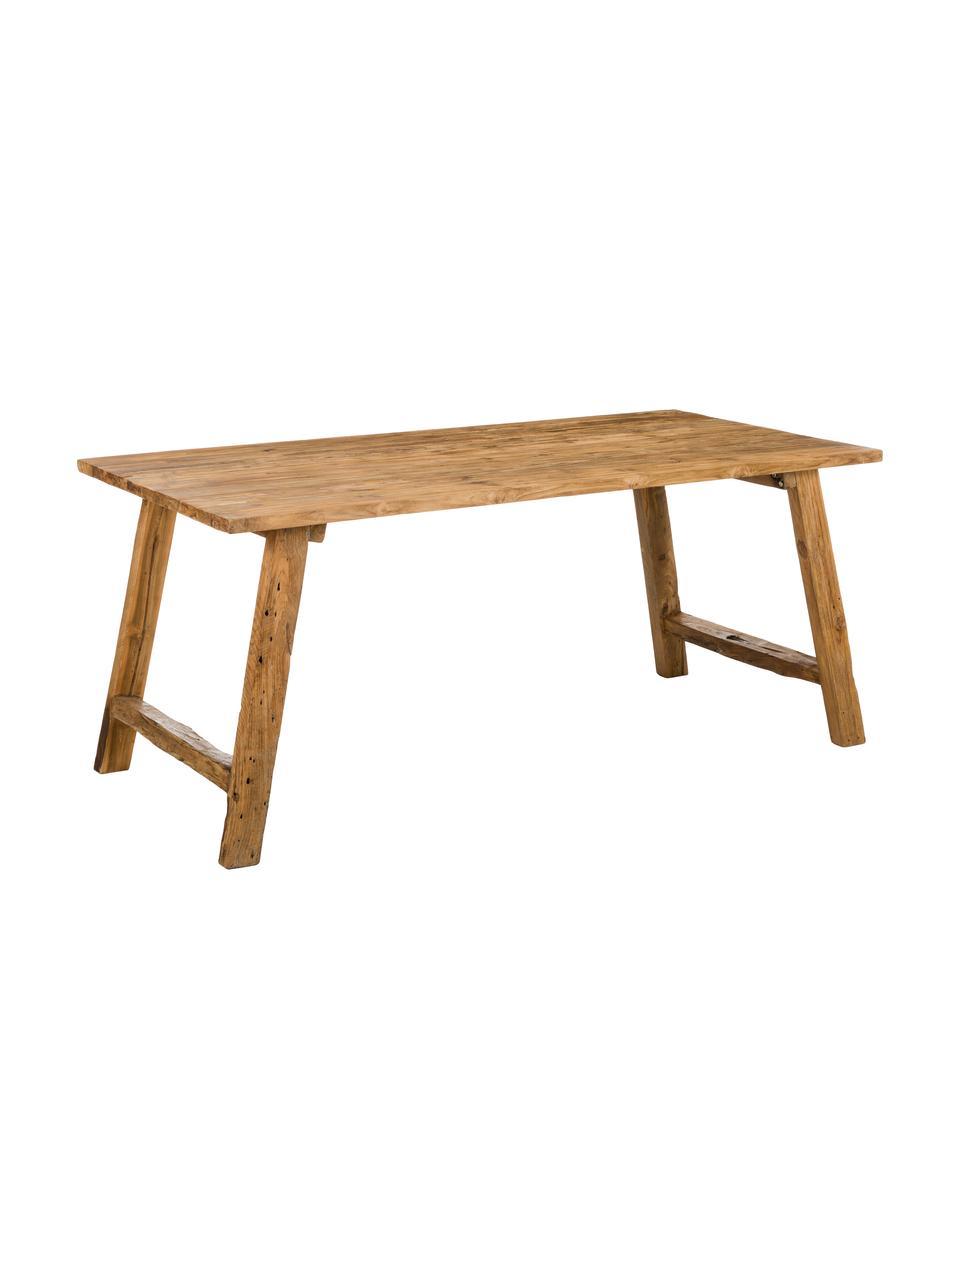 Stół do jadalni z drewna tekowego z recyklingu Lawas, Naturalne drewno tekowe, Drewno tekowe, S 220 x G 100 cm